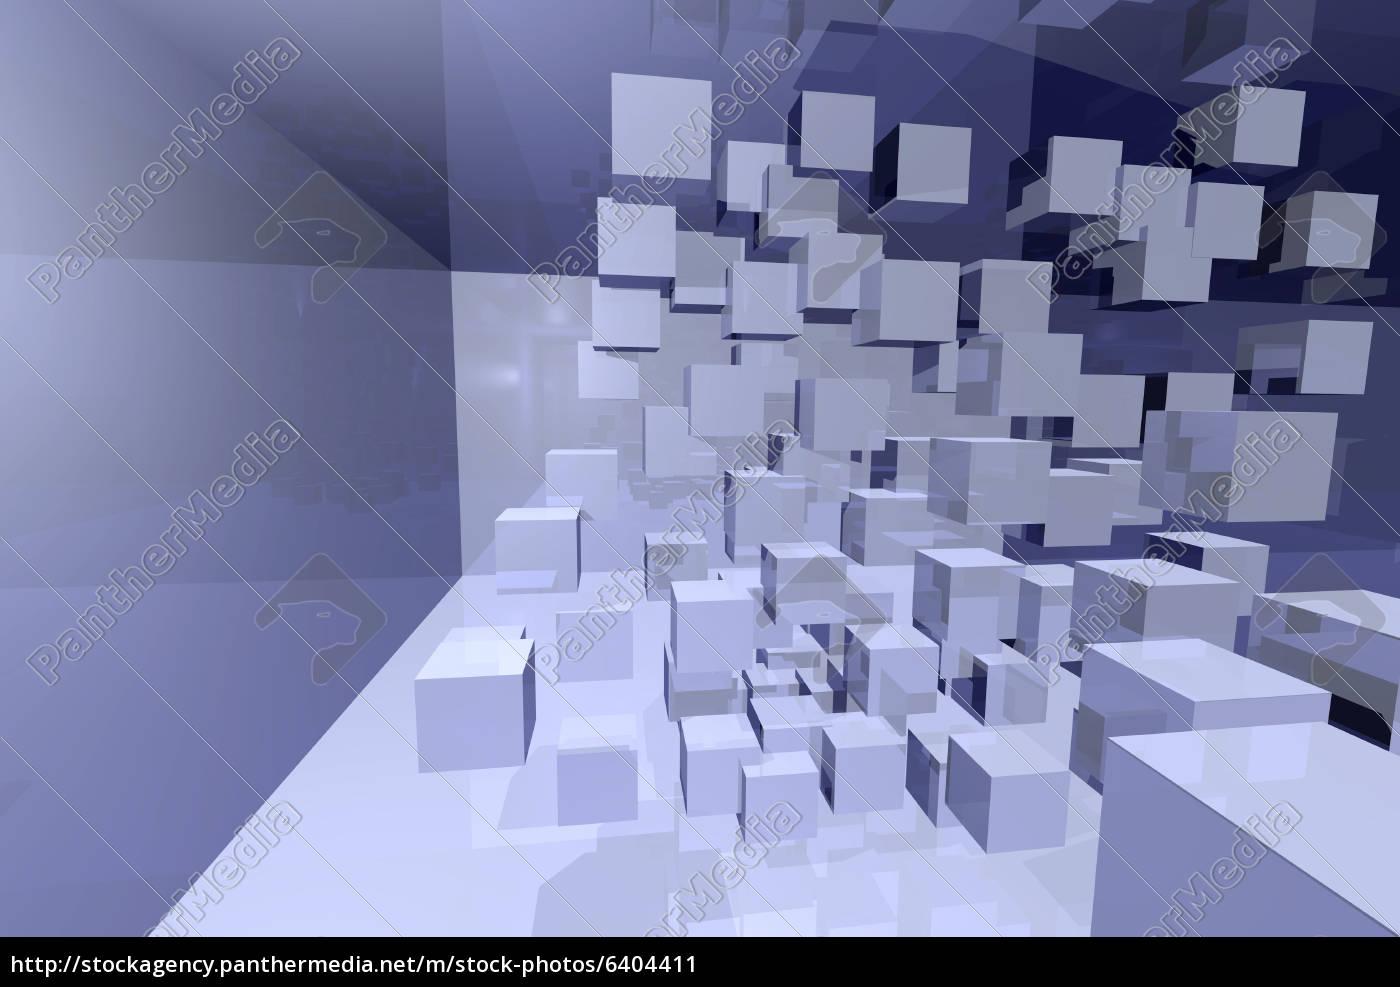 3d Würfel Im Gespiegelten Raum Komplexität Lizenzfreies Bild